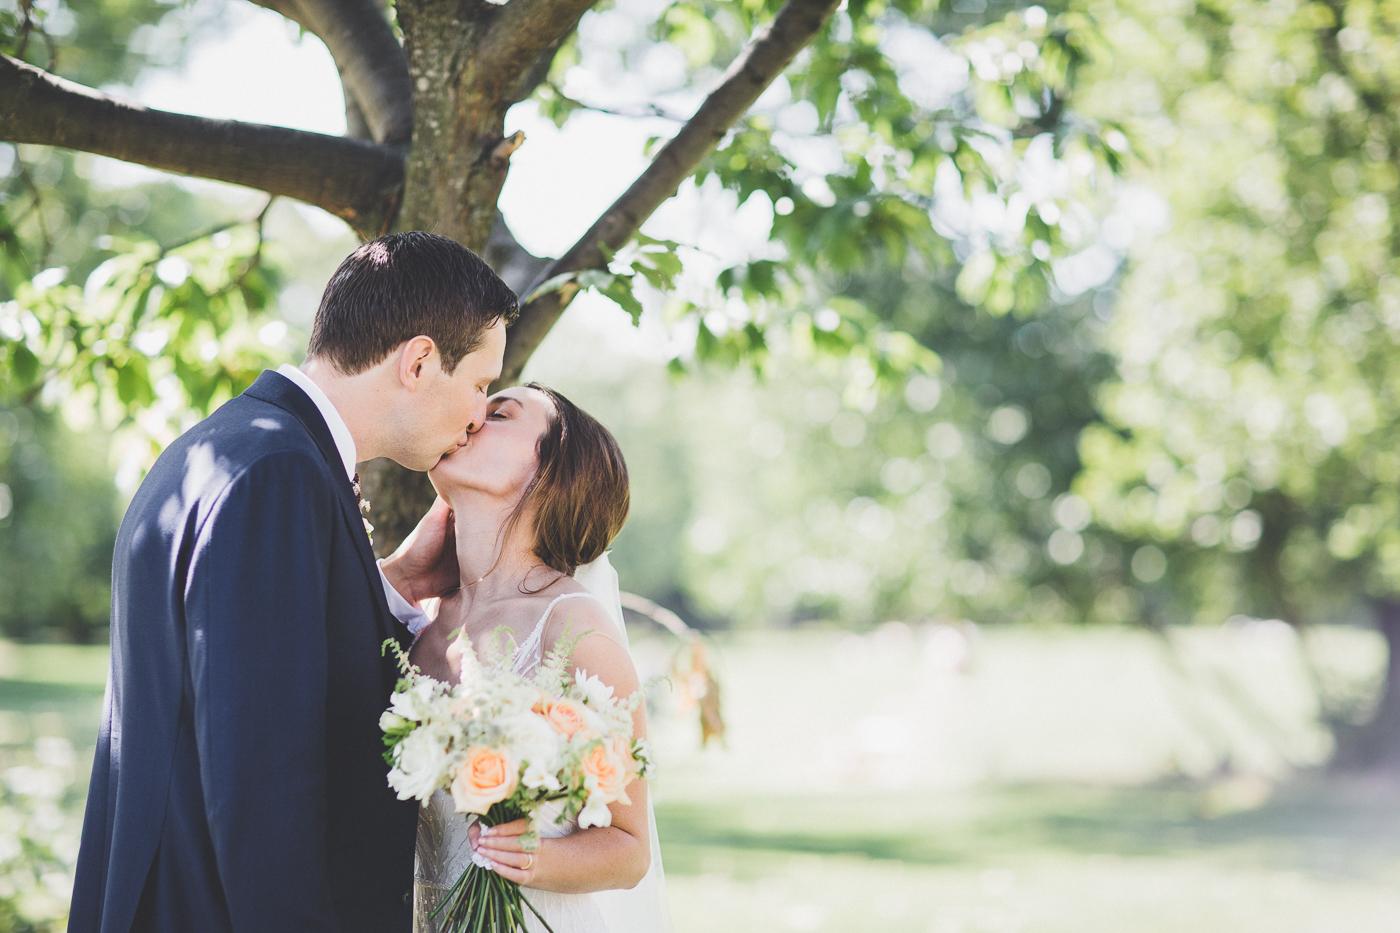 london-wedding-photographer-36.jpg